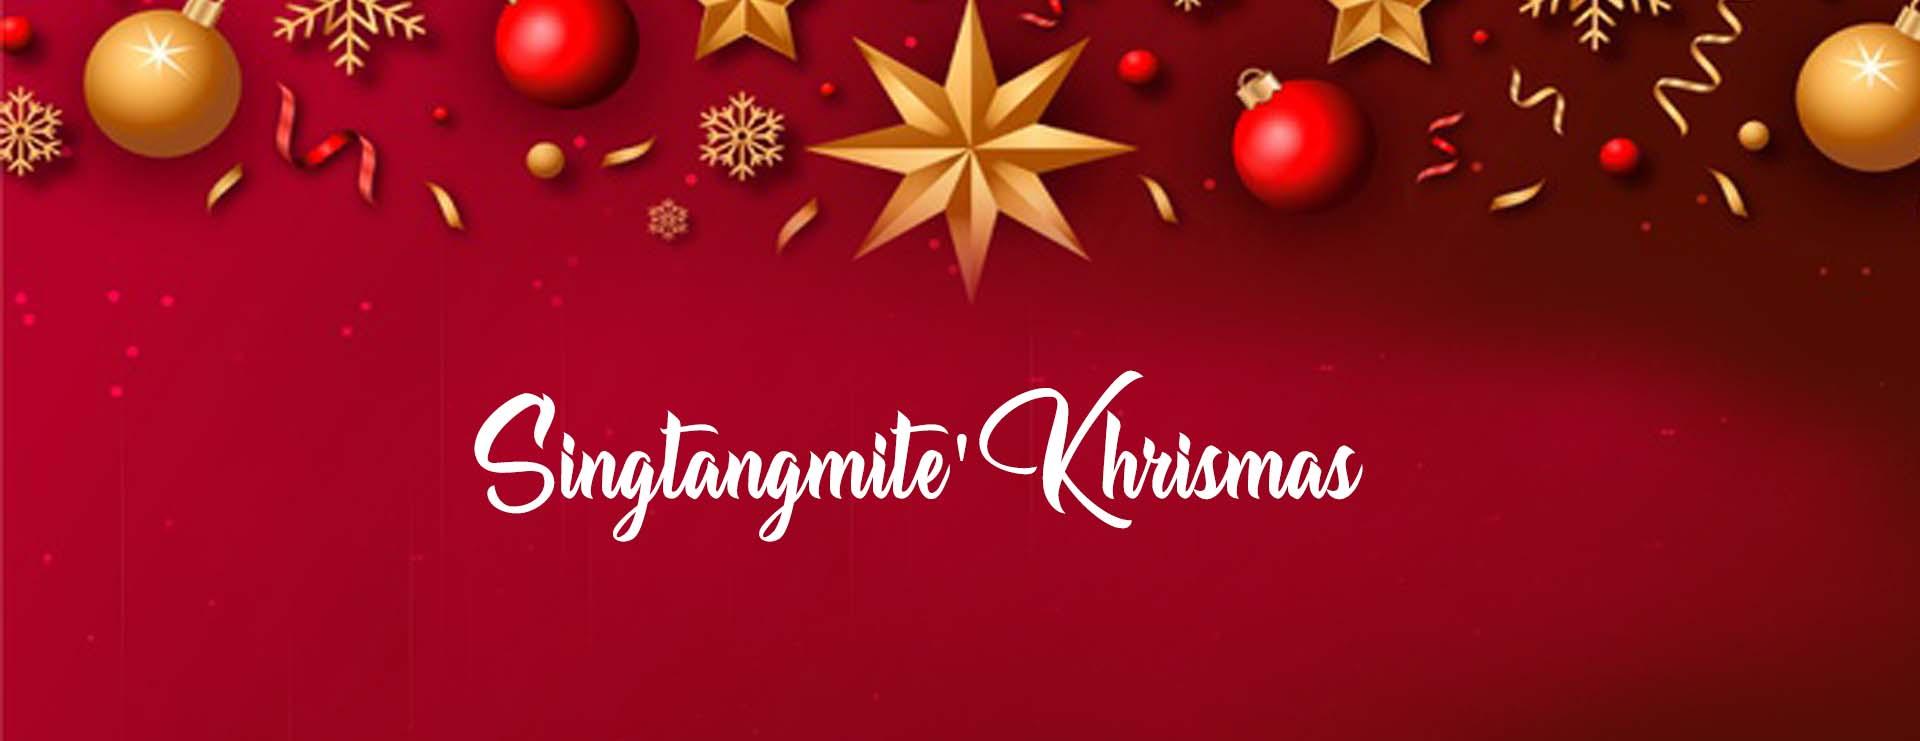 SINGTANGMITE' KHRISTMAS khrismas  Home New khrismas